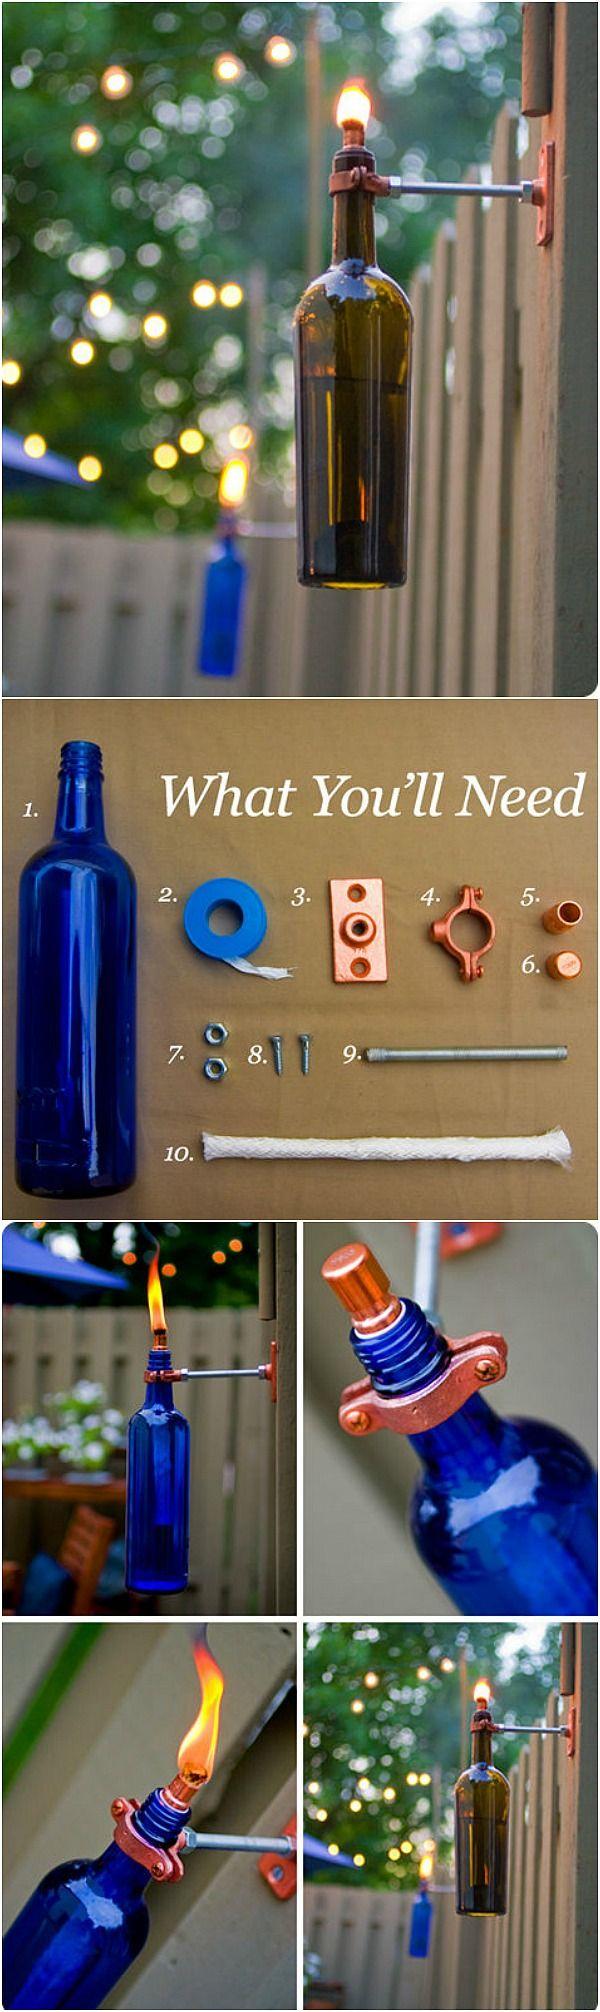 Wine bottle crafts outdoor - Diy Home Projects Backyard Ideas Wine Bottle